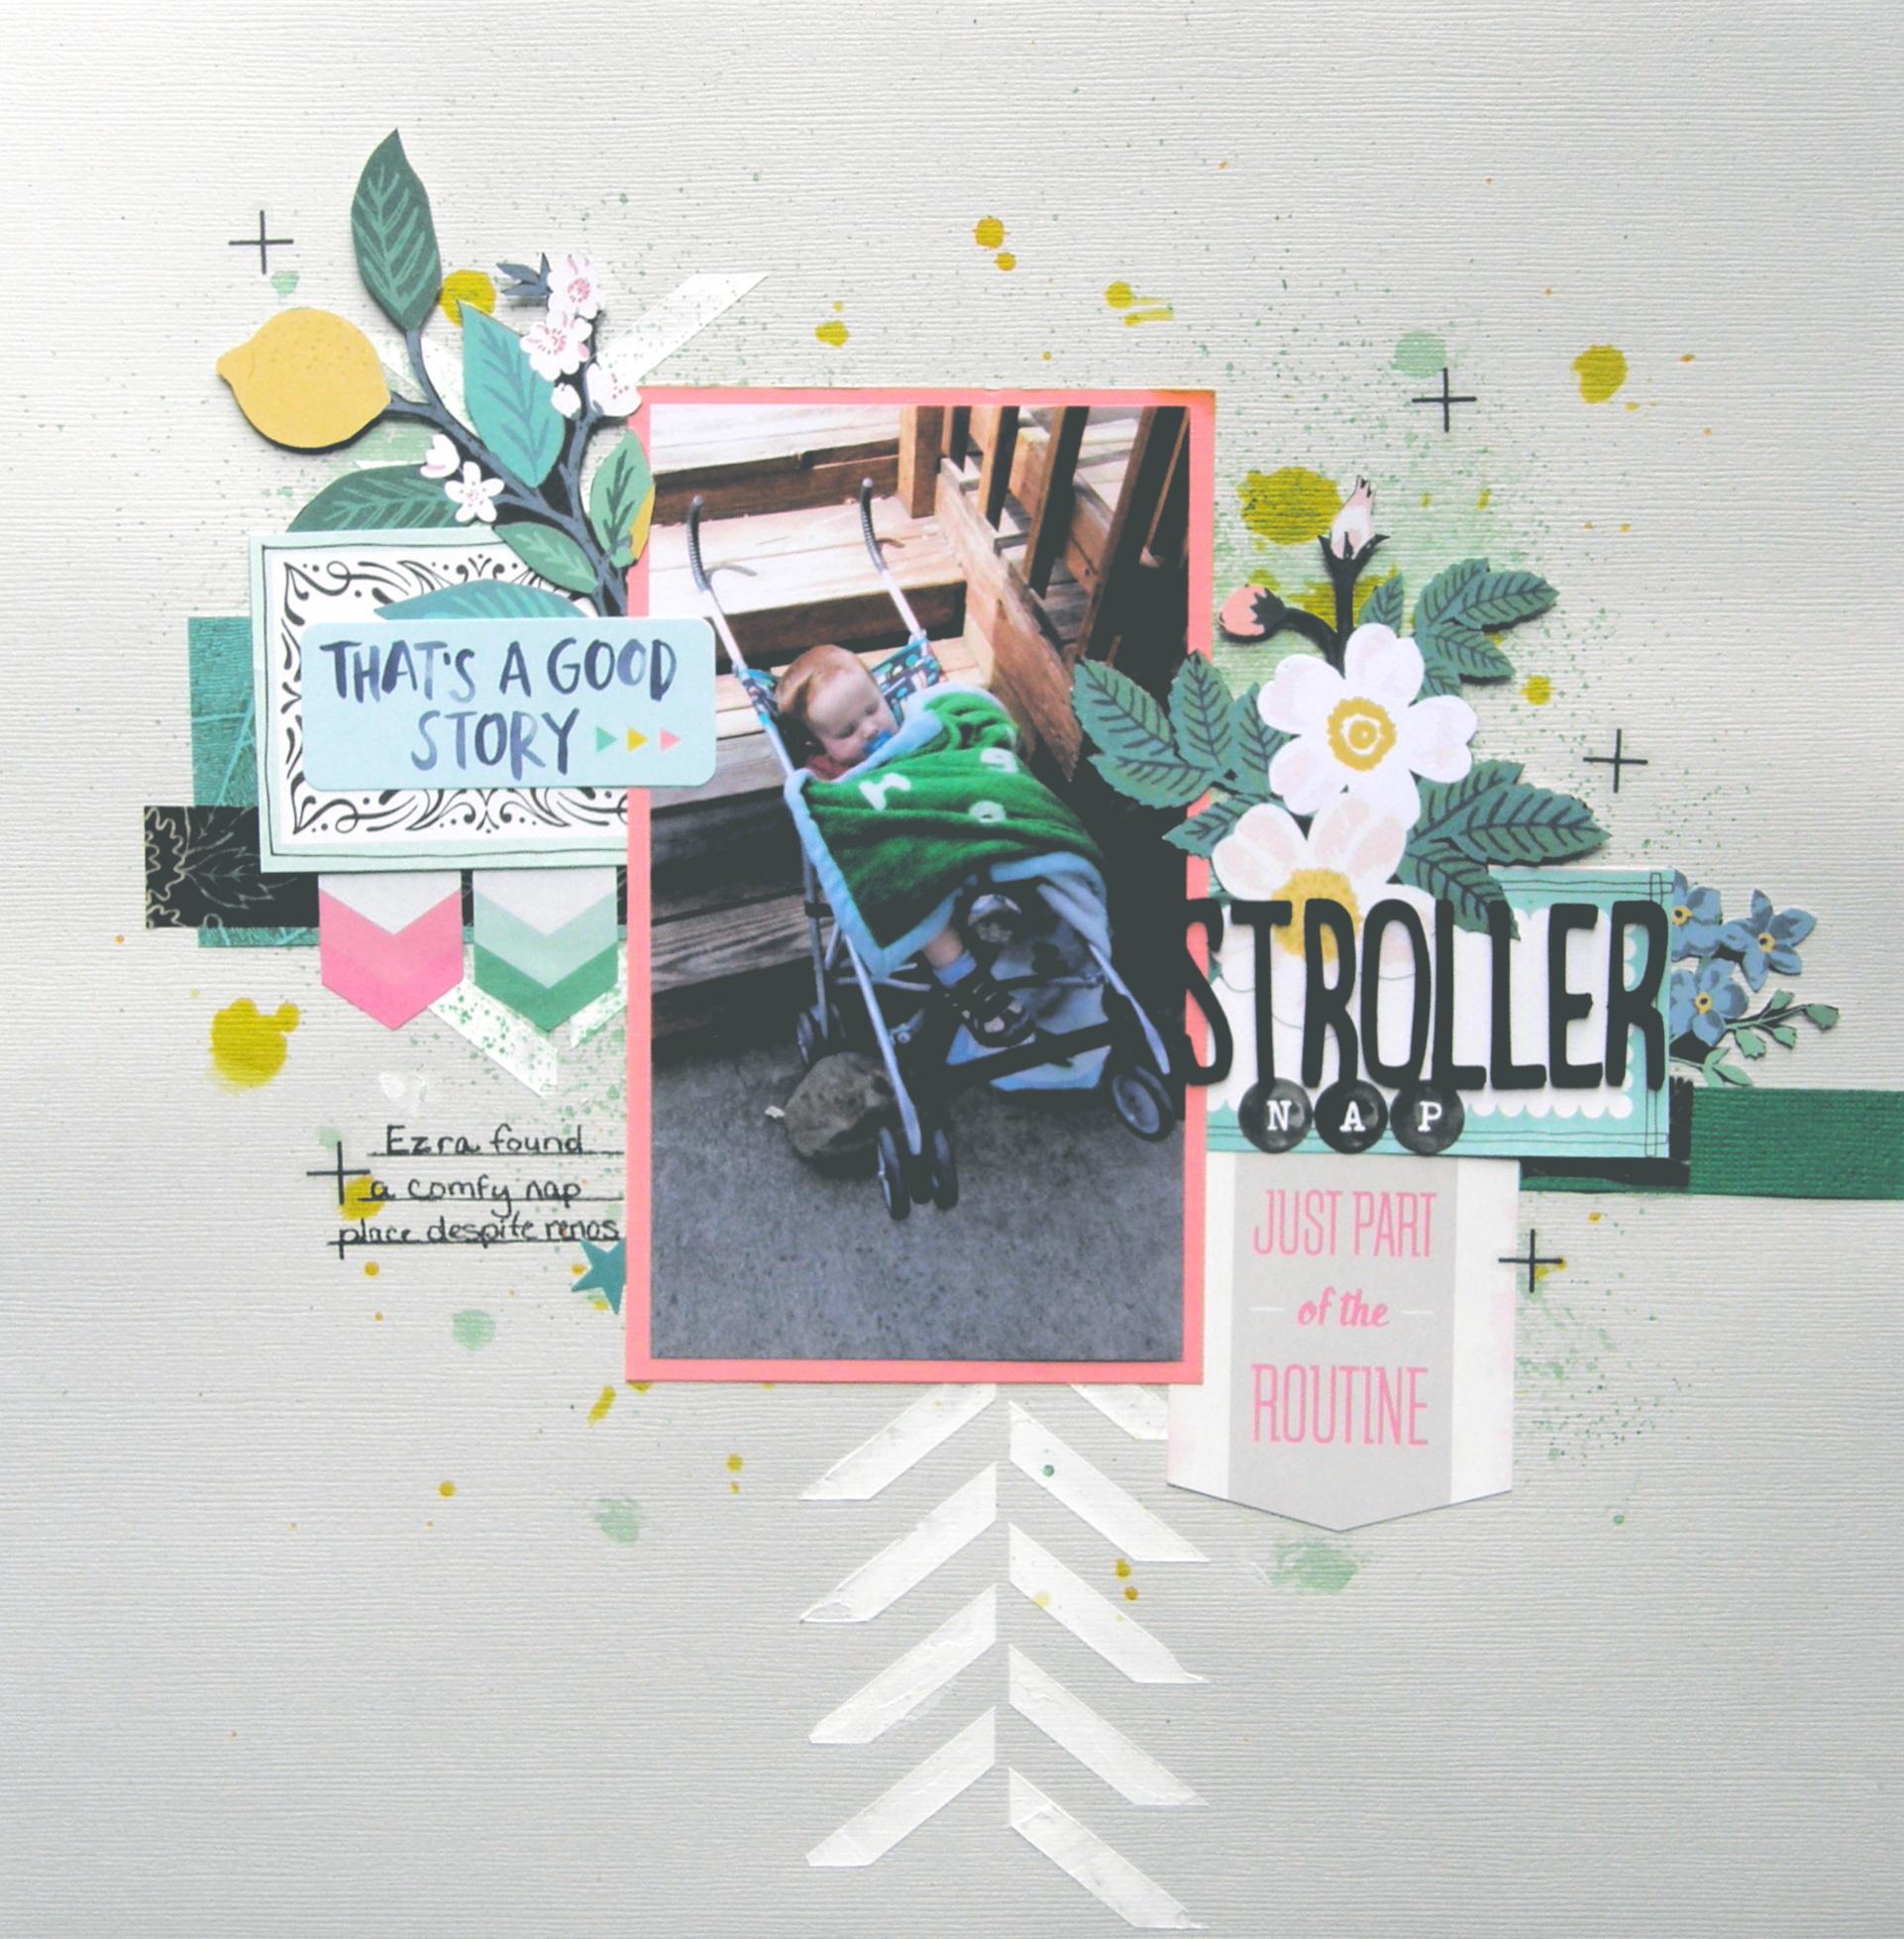 Stroller Nap Square_AMcGrew.jpg